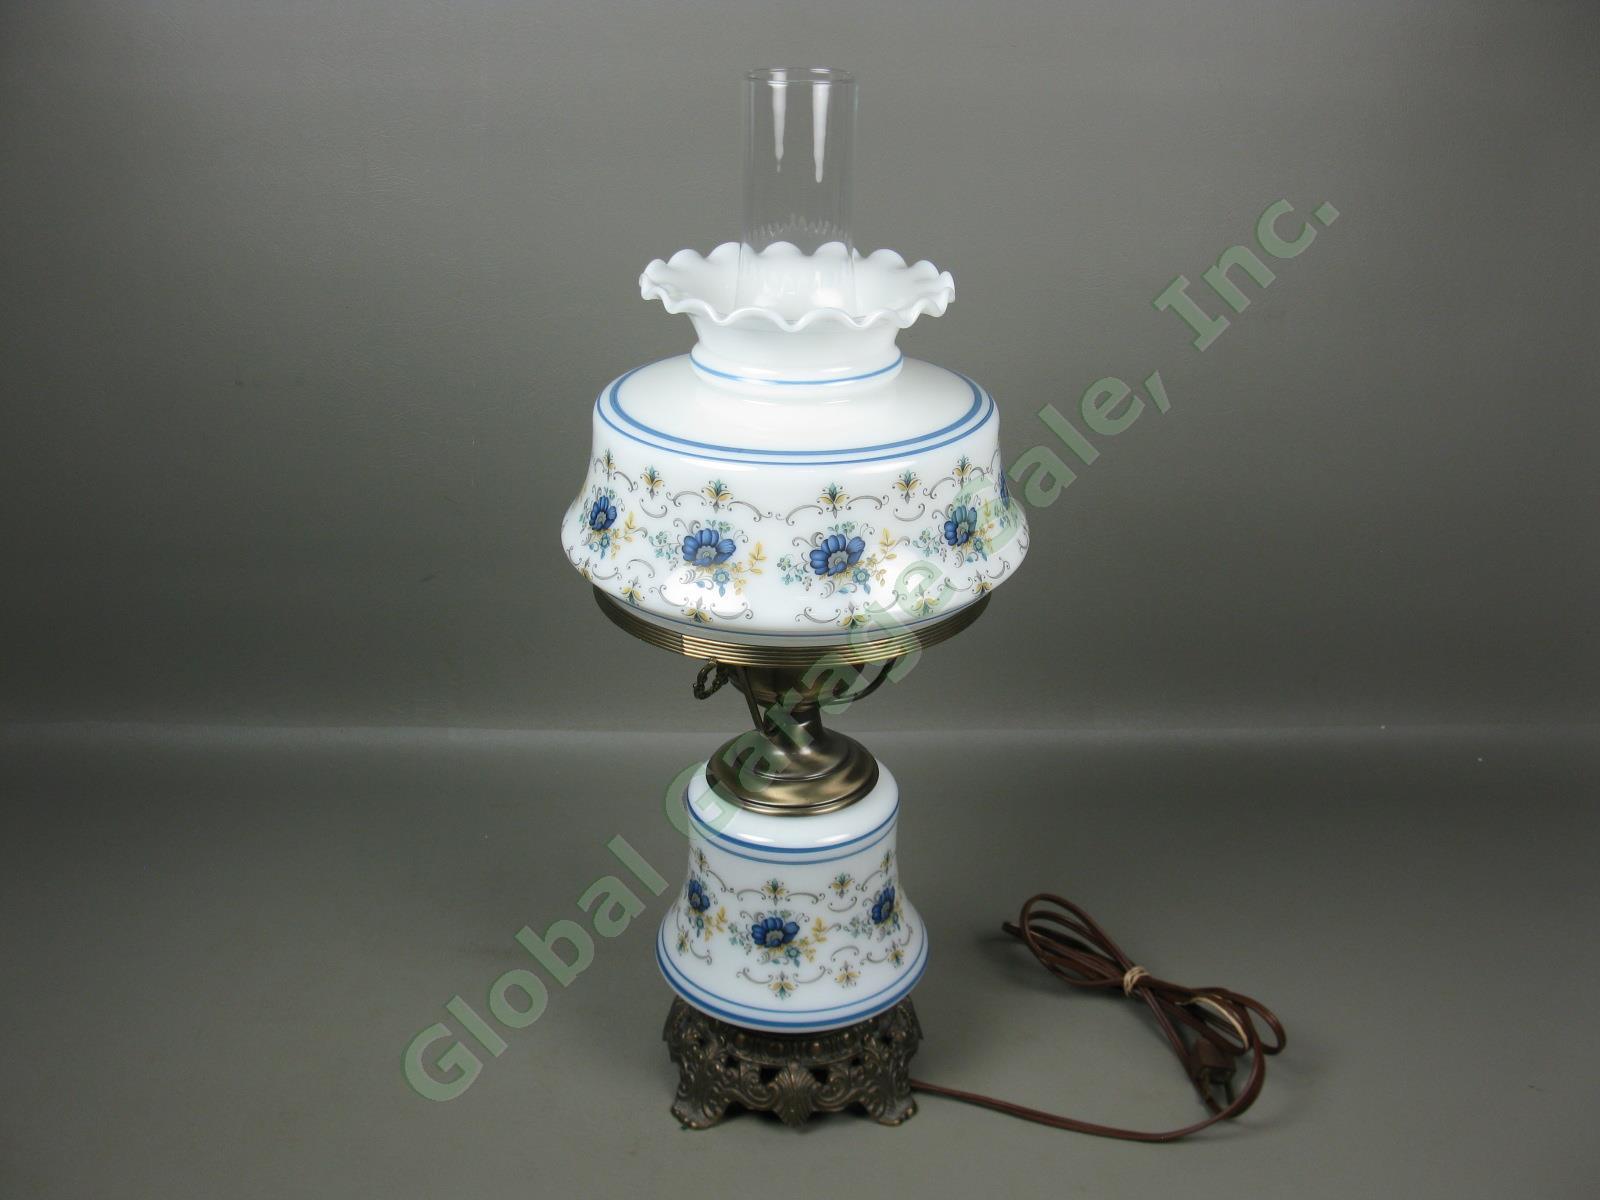 Quoizel Lamp Vintage eBay